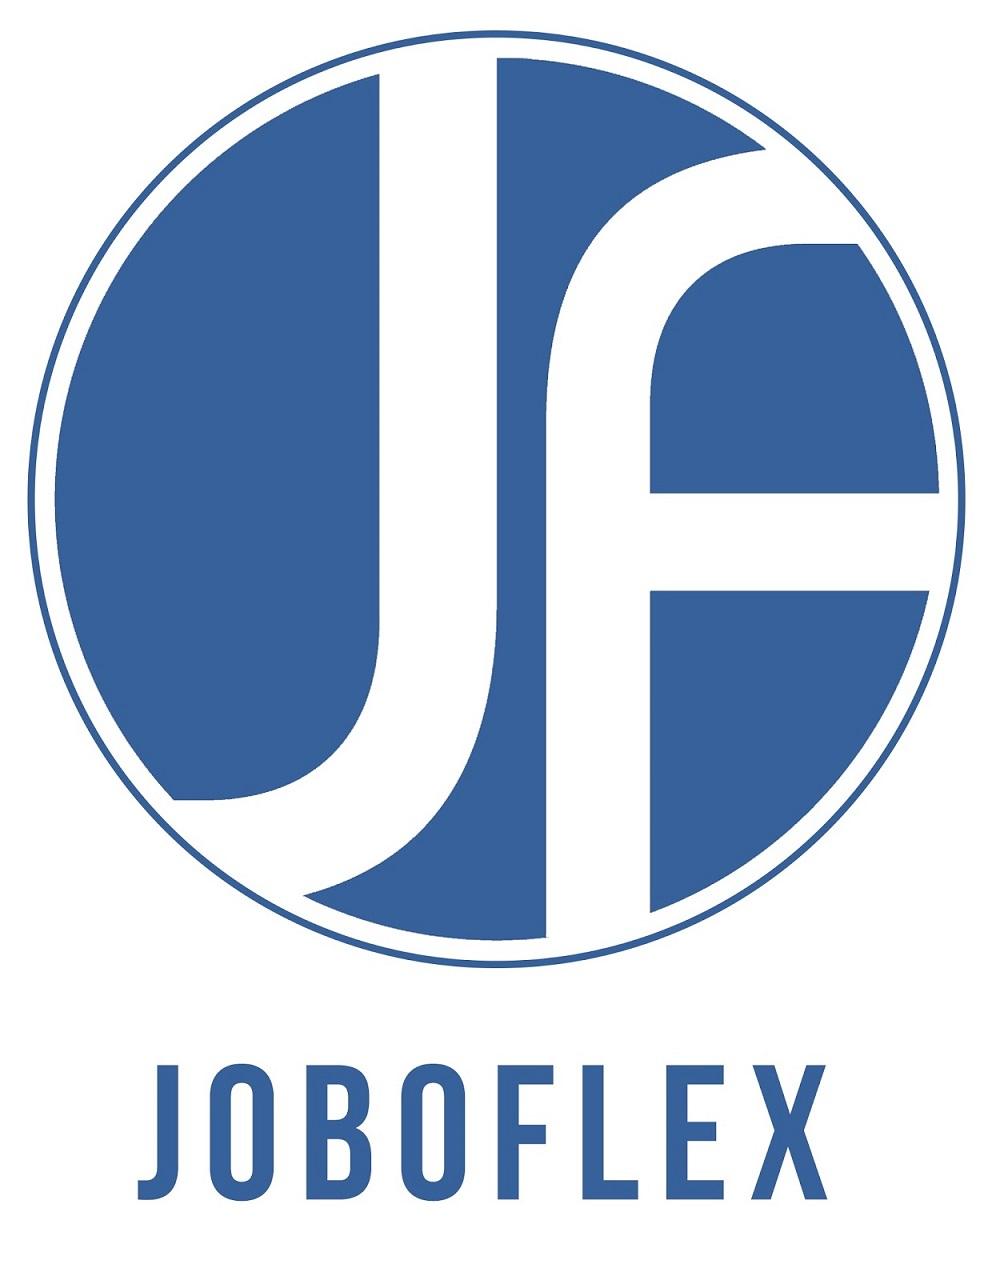 JoboFLex